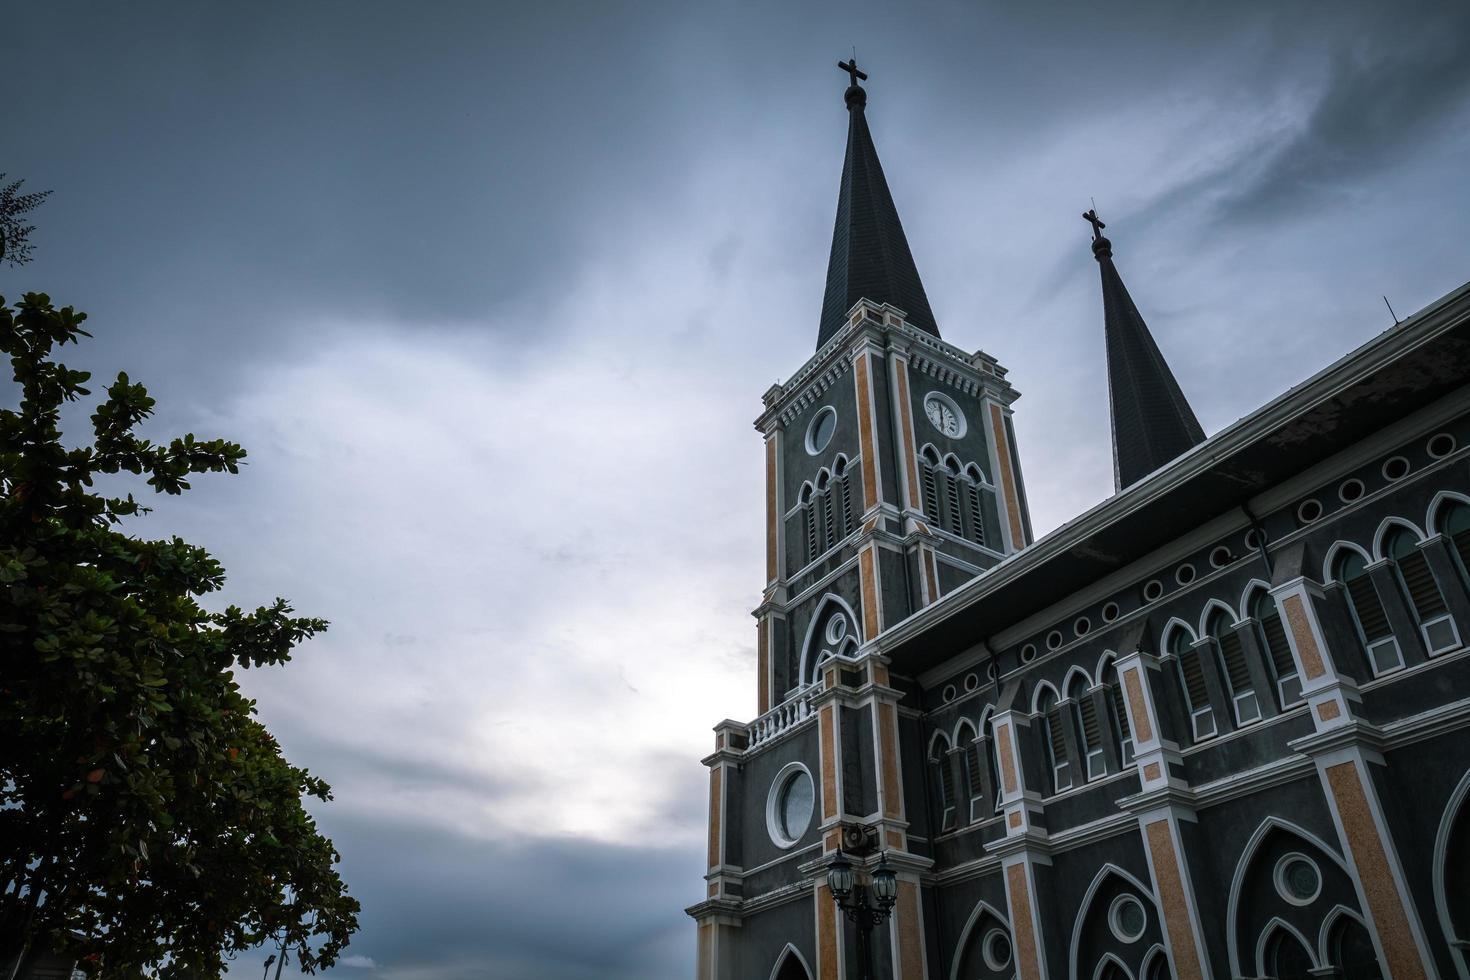 église le soir photo